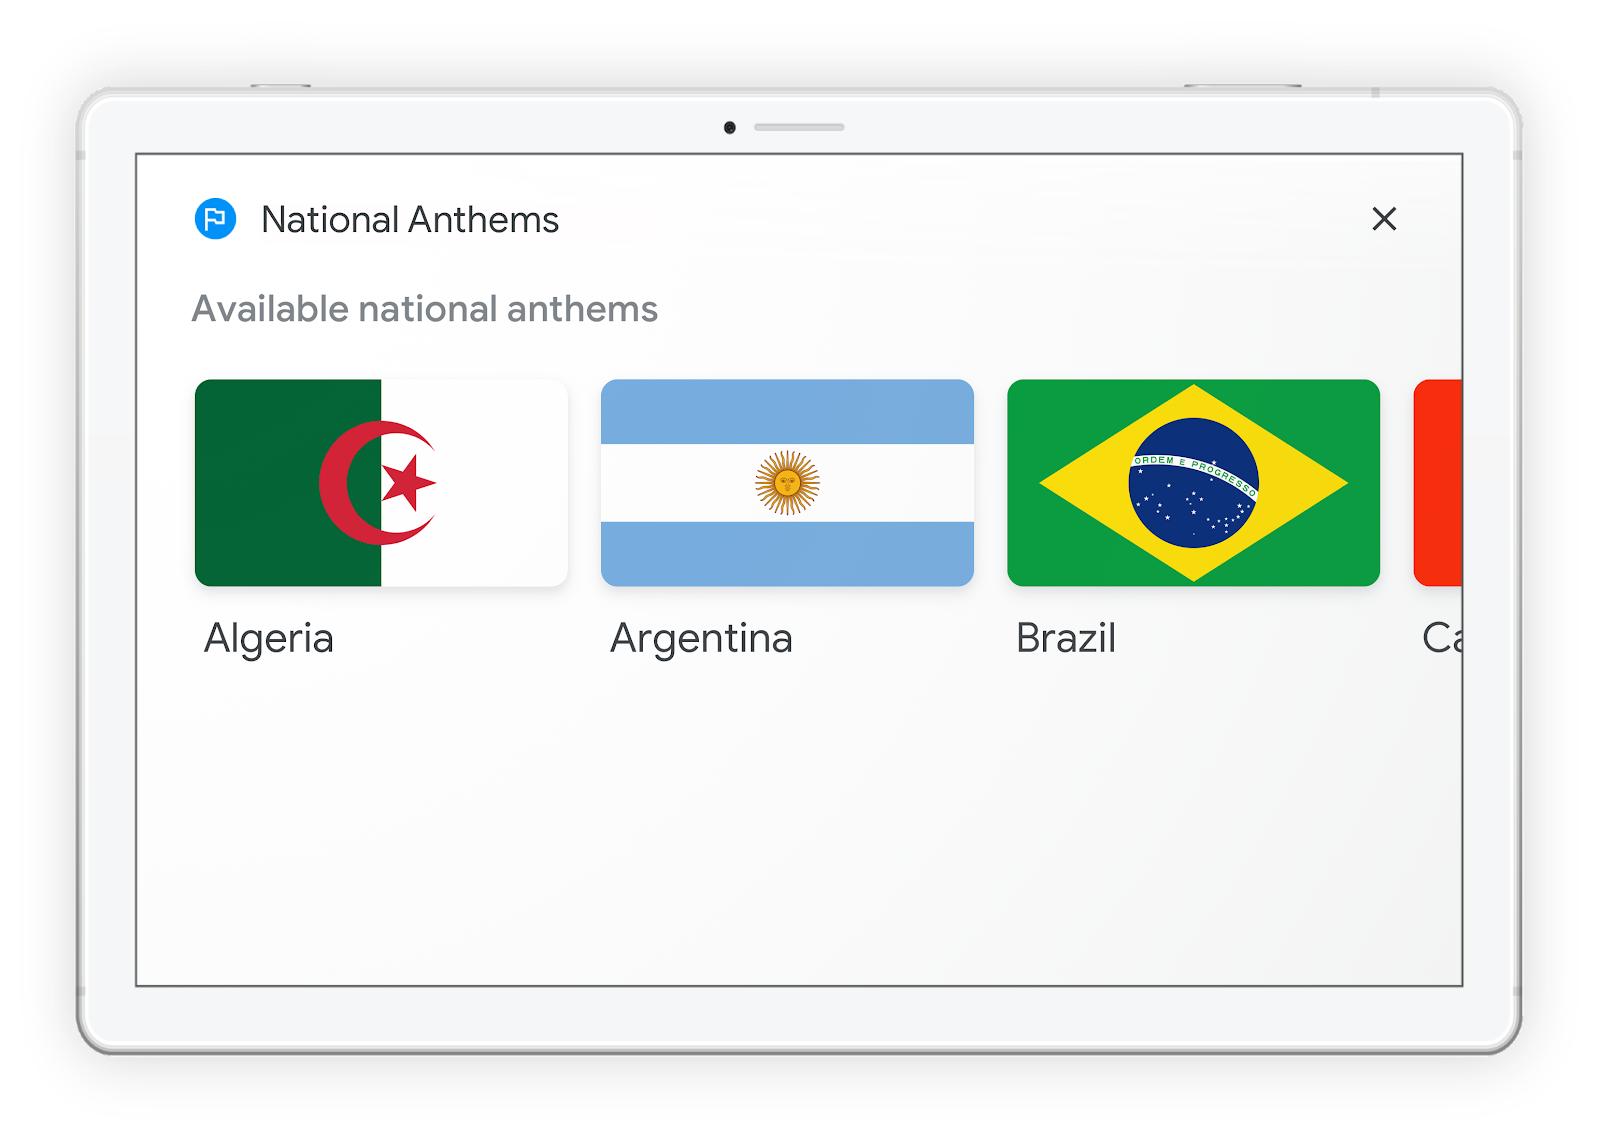 Google Developers Blog: Designing for the Google Assistant on Smart